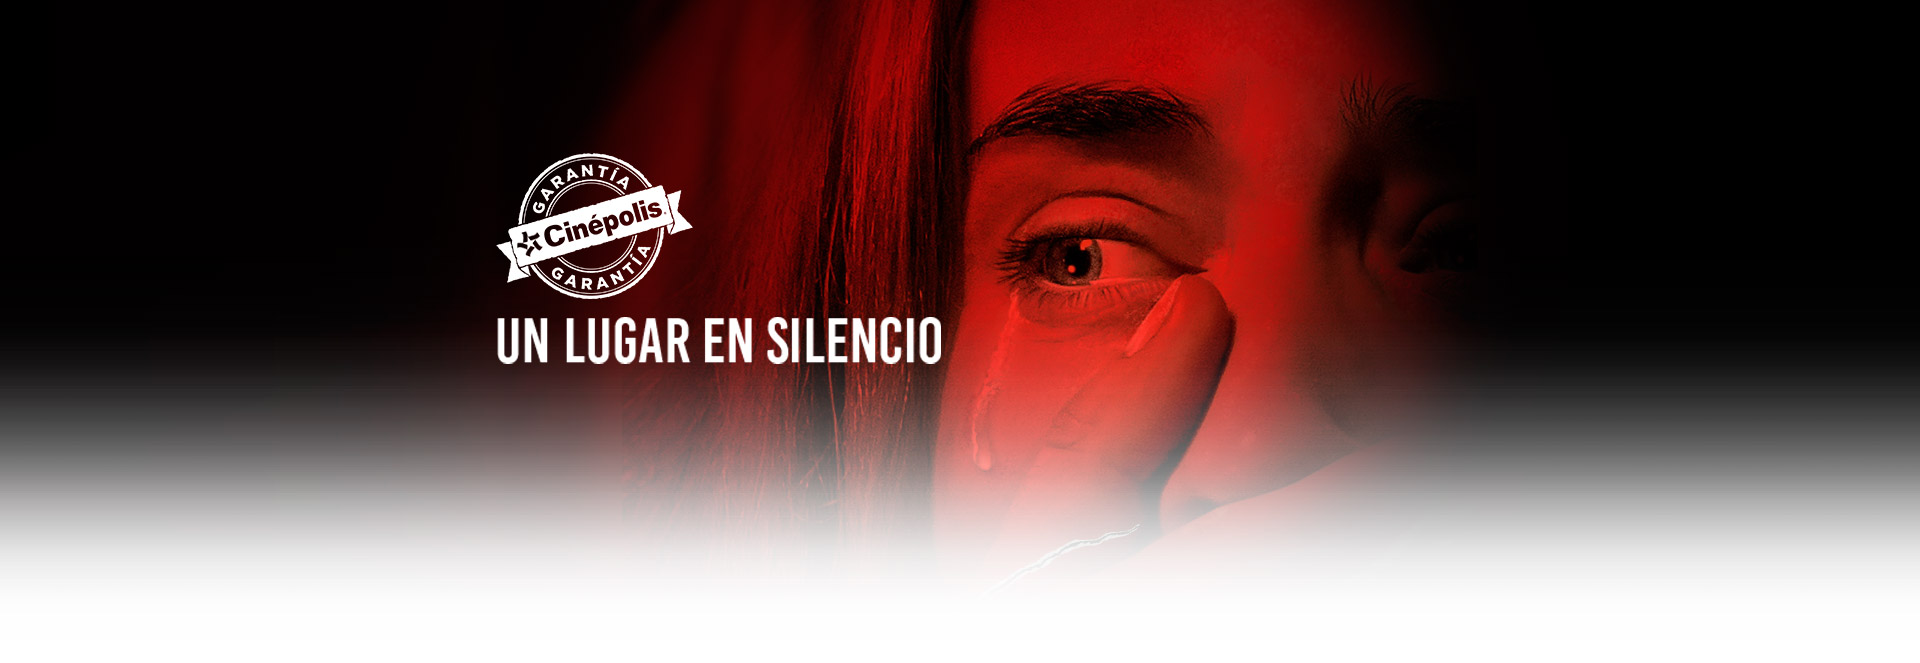 Banner Un lugar en silencio | Garantía Cinépolis